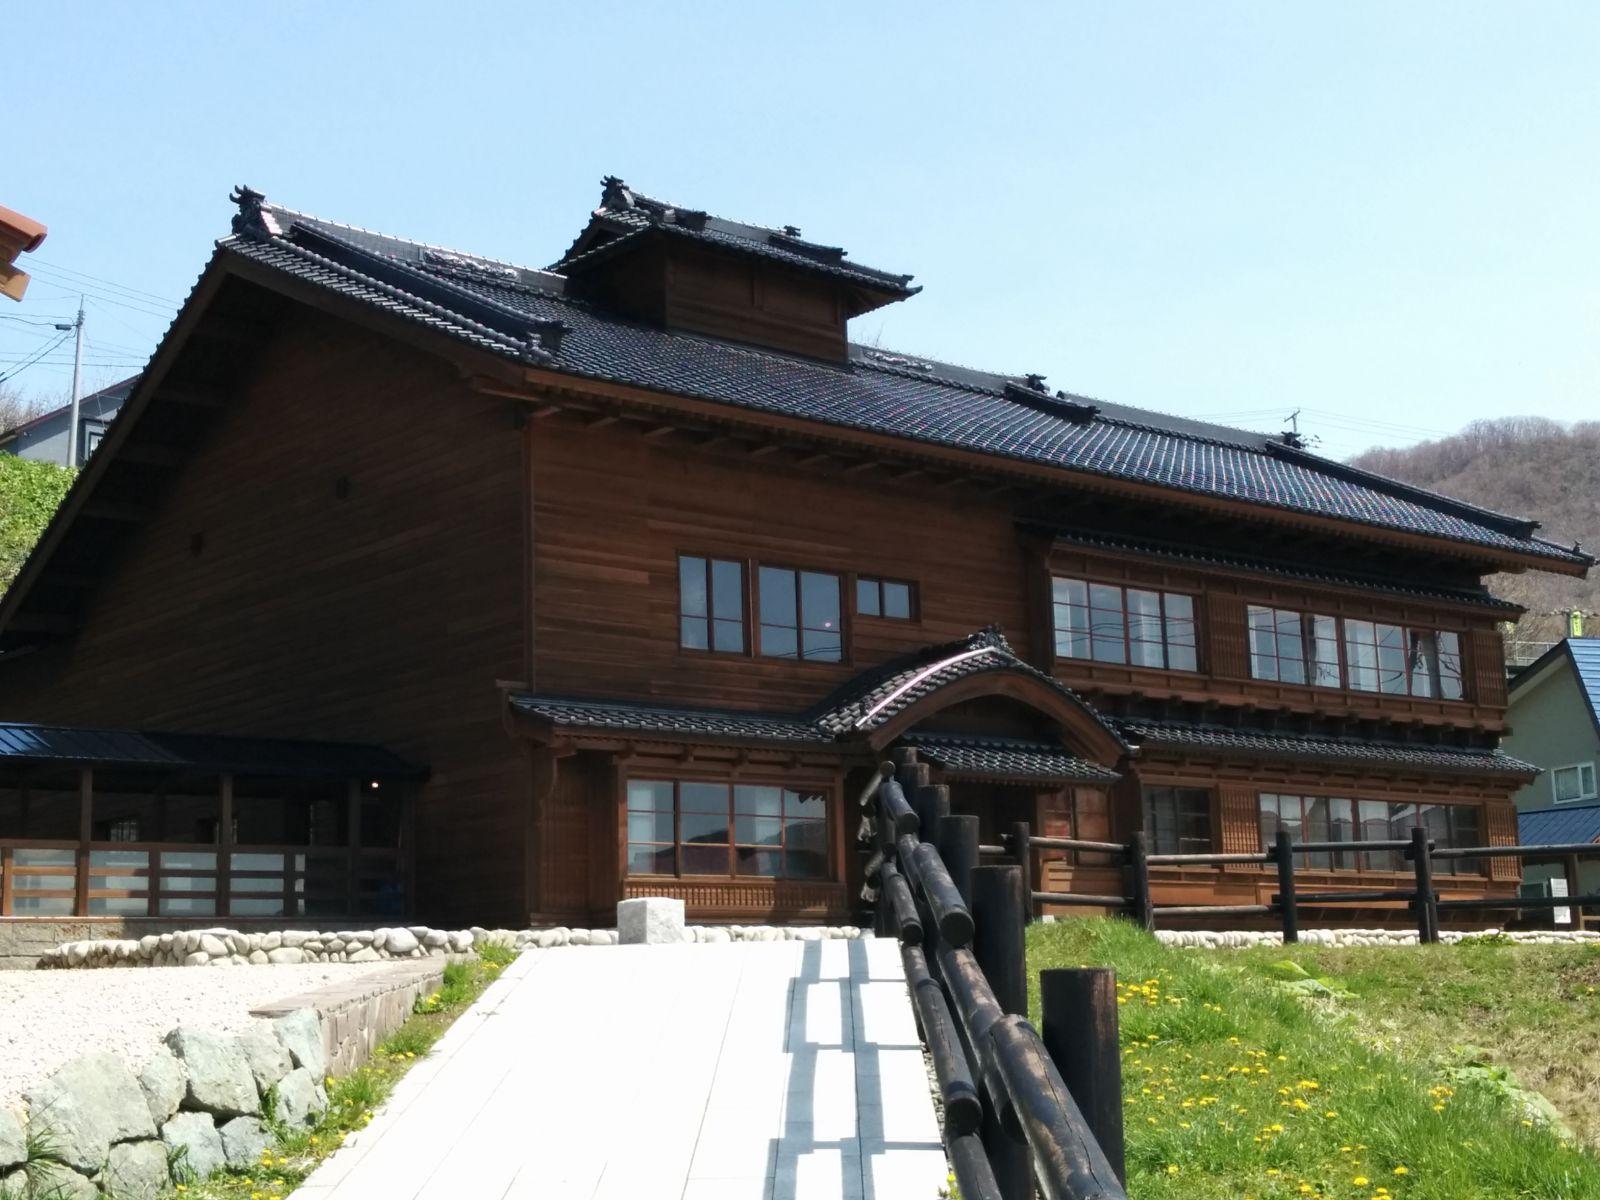 【積丹半島】泊村鰊御殿とまり観光案内です。